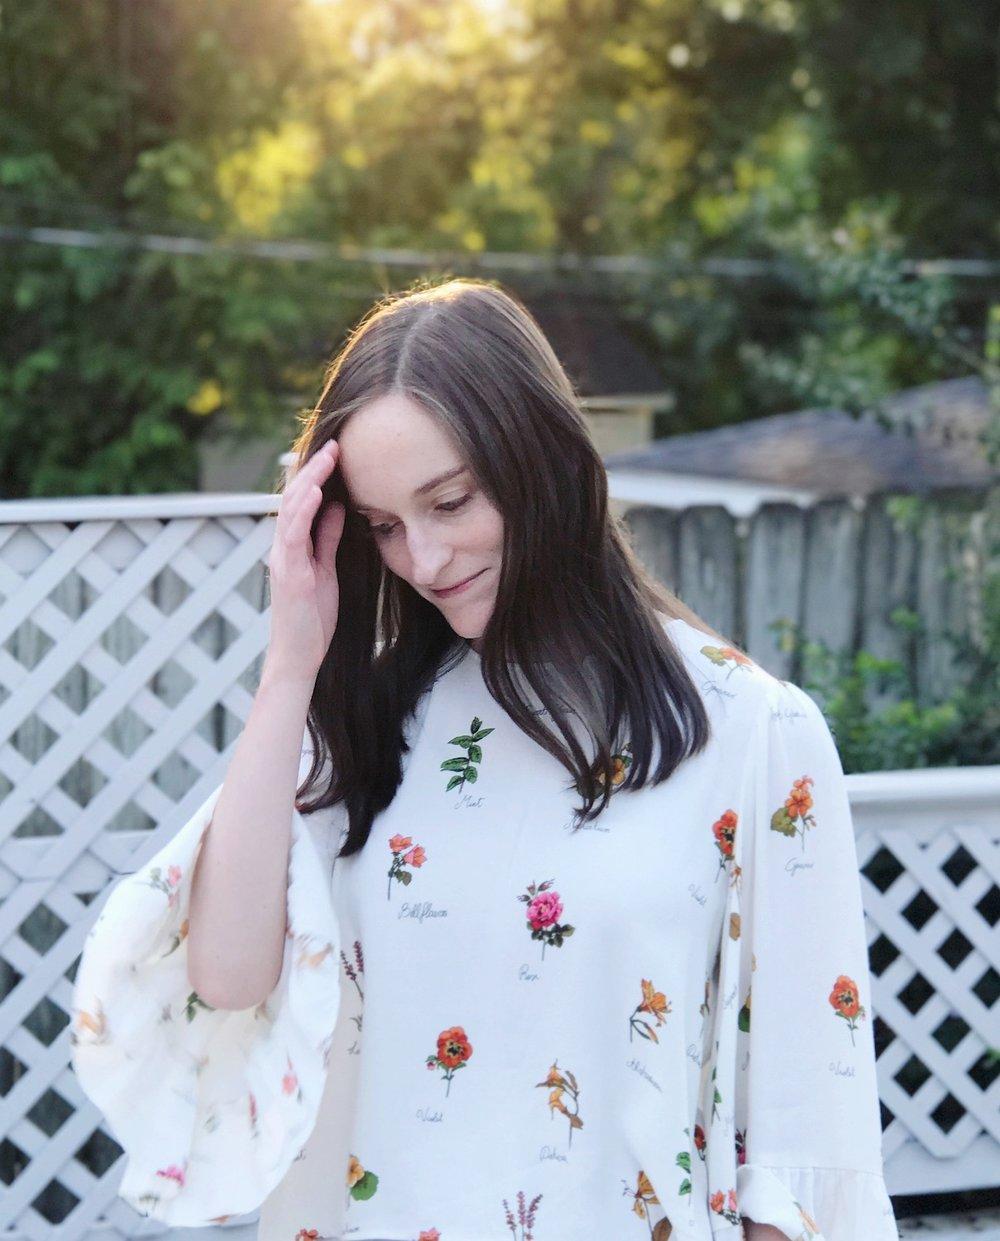 zara floral bell sleeve shirt.JPG